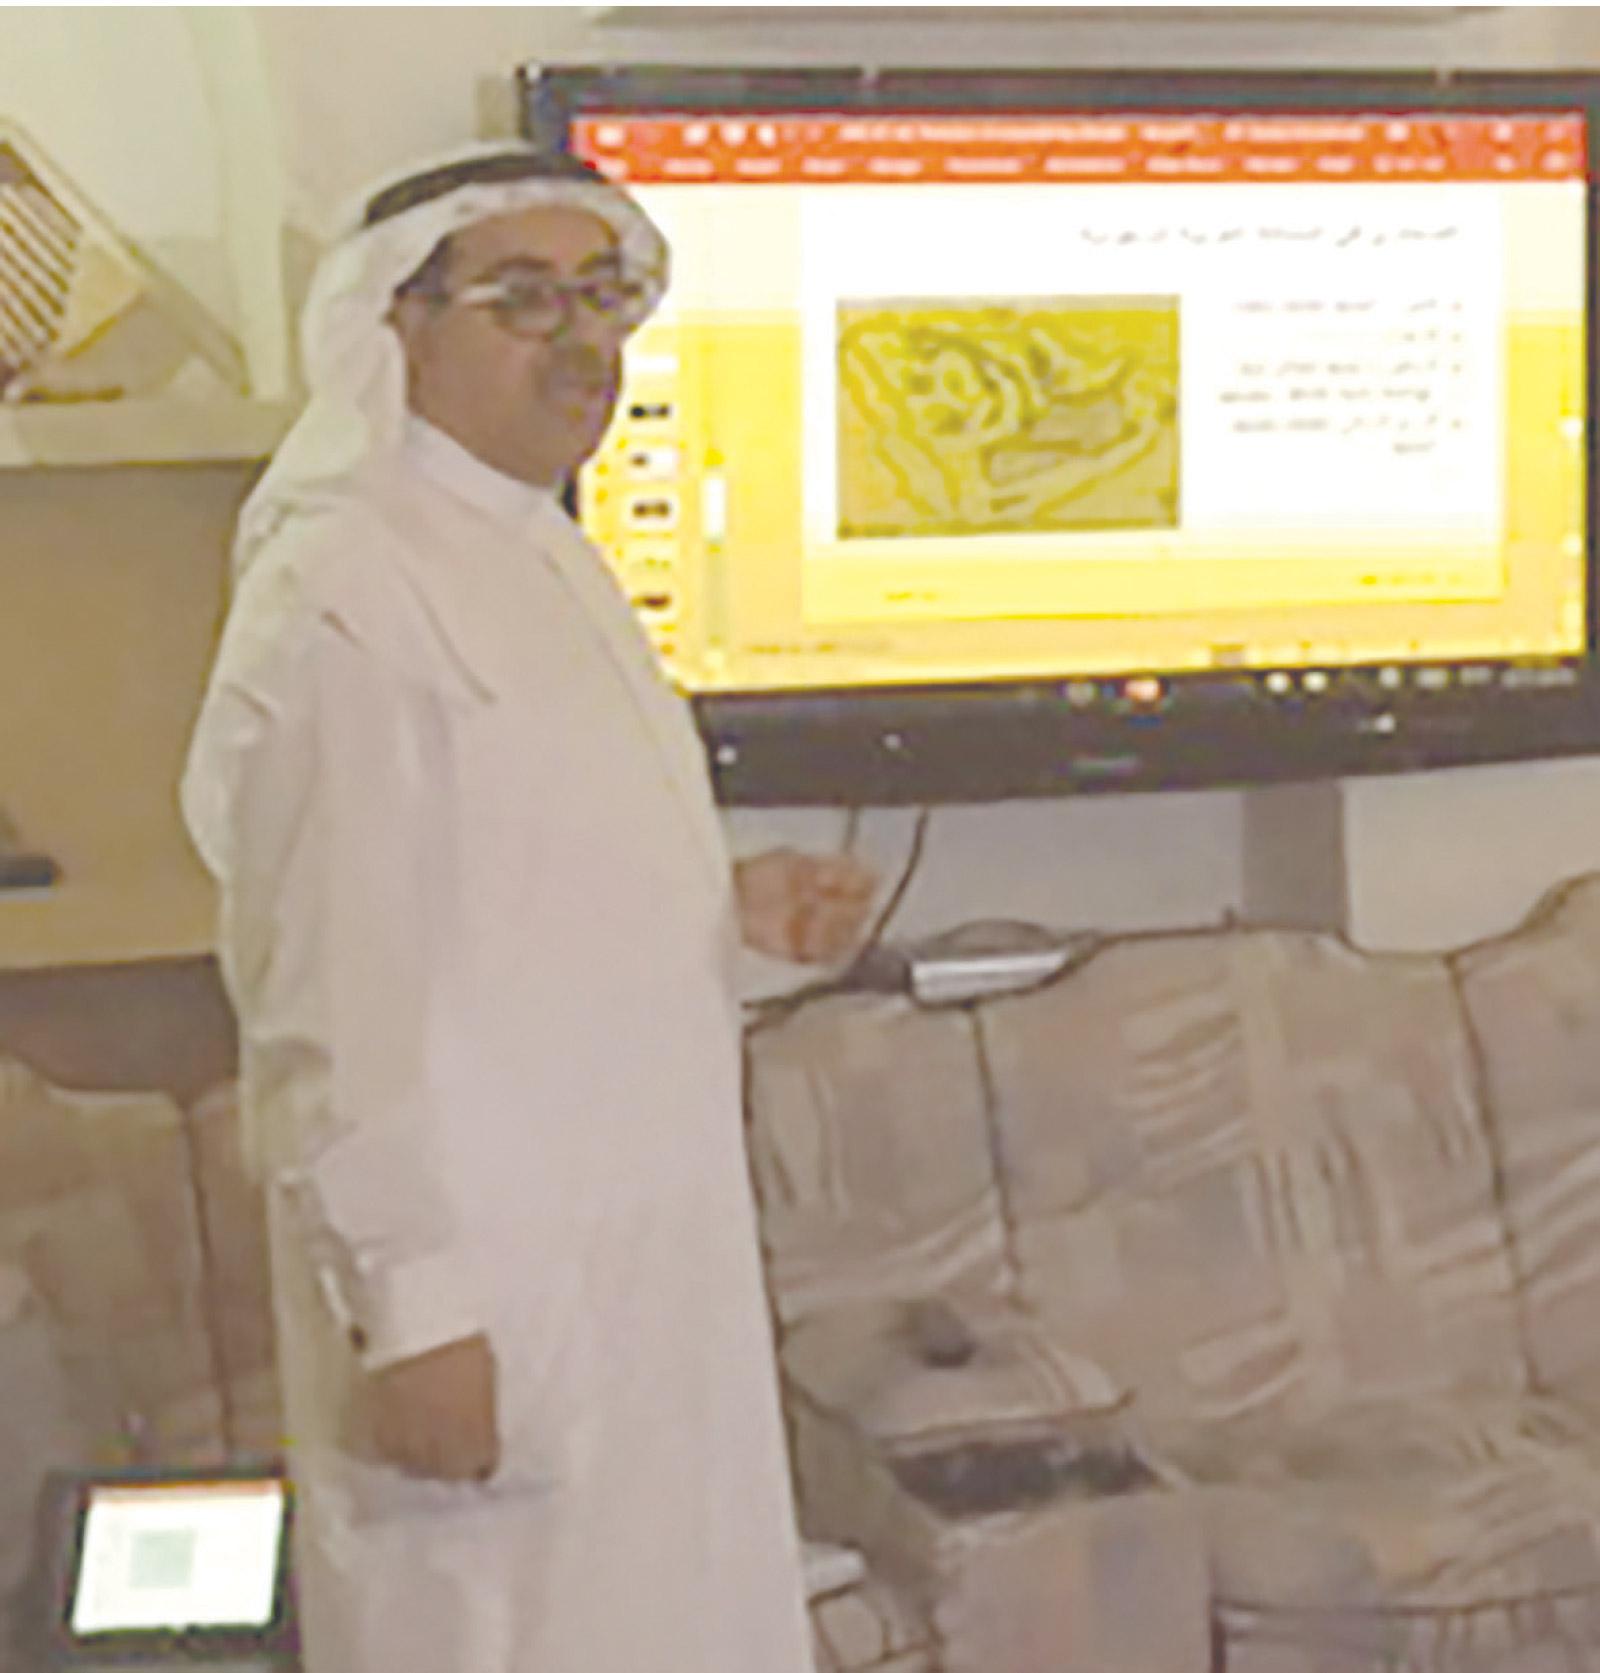 المهنا: الزراعة المحمية ذات بعد اقتصادي تتناسب مع بيئة دول الخليج العربي